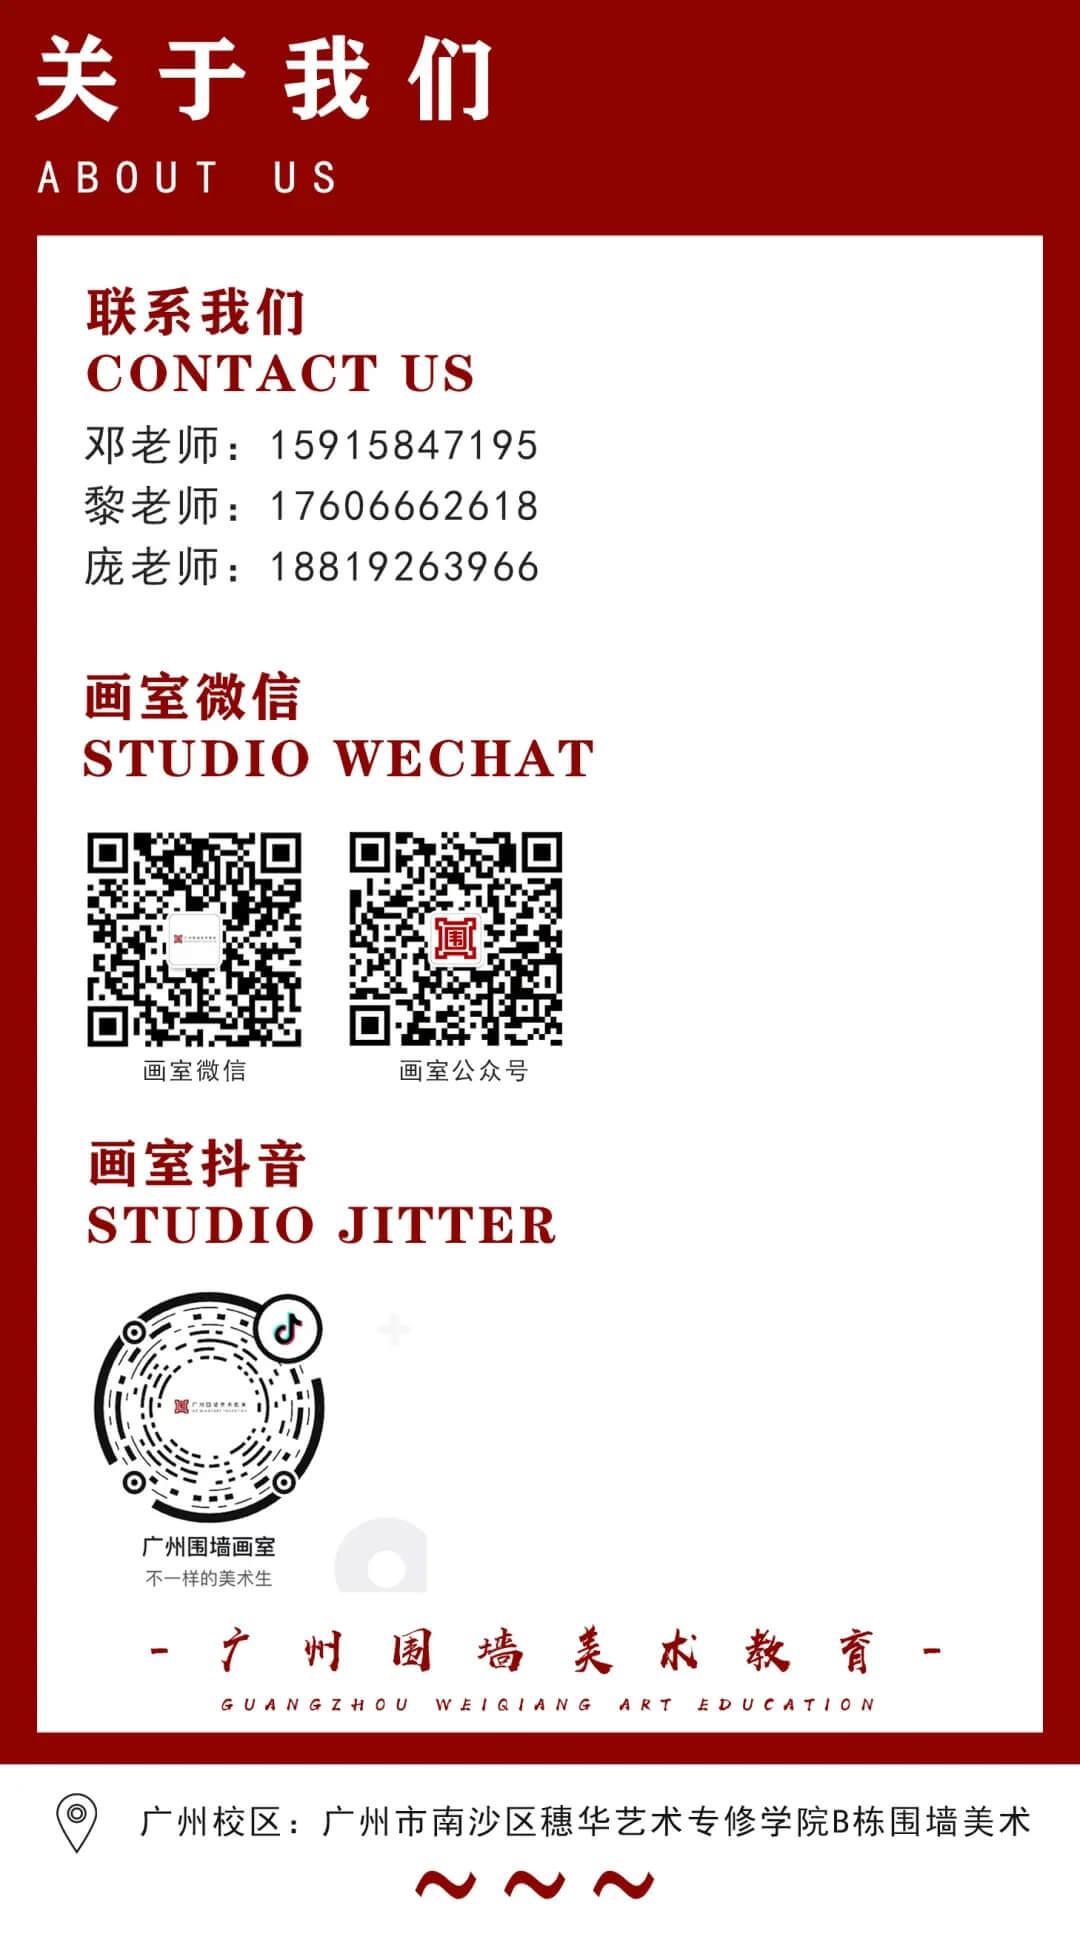 广州围墙画室,广州画室,广州围墙美术培训,13